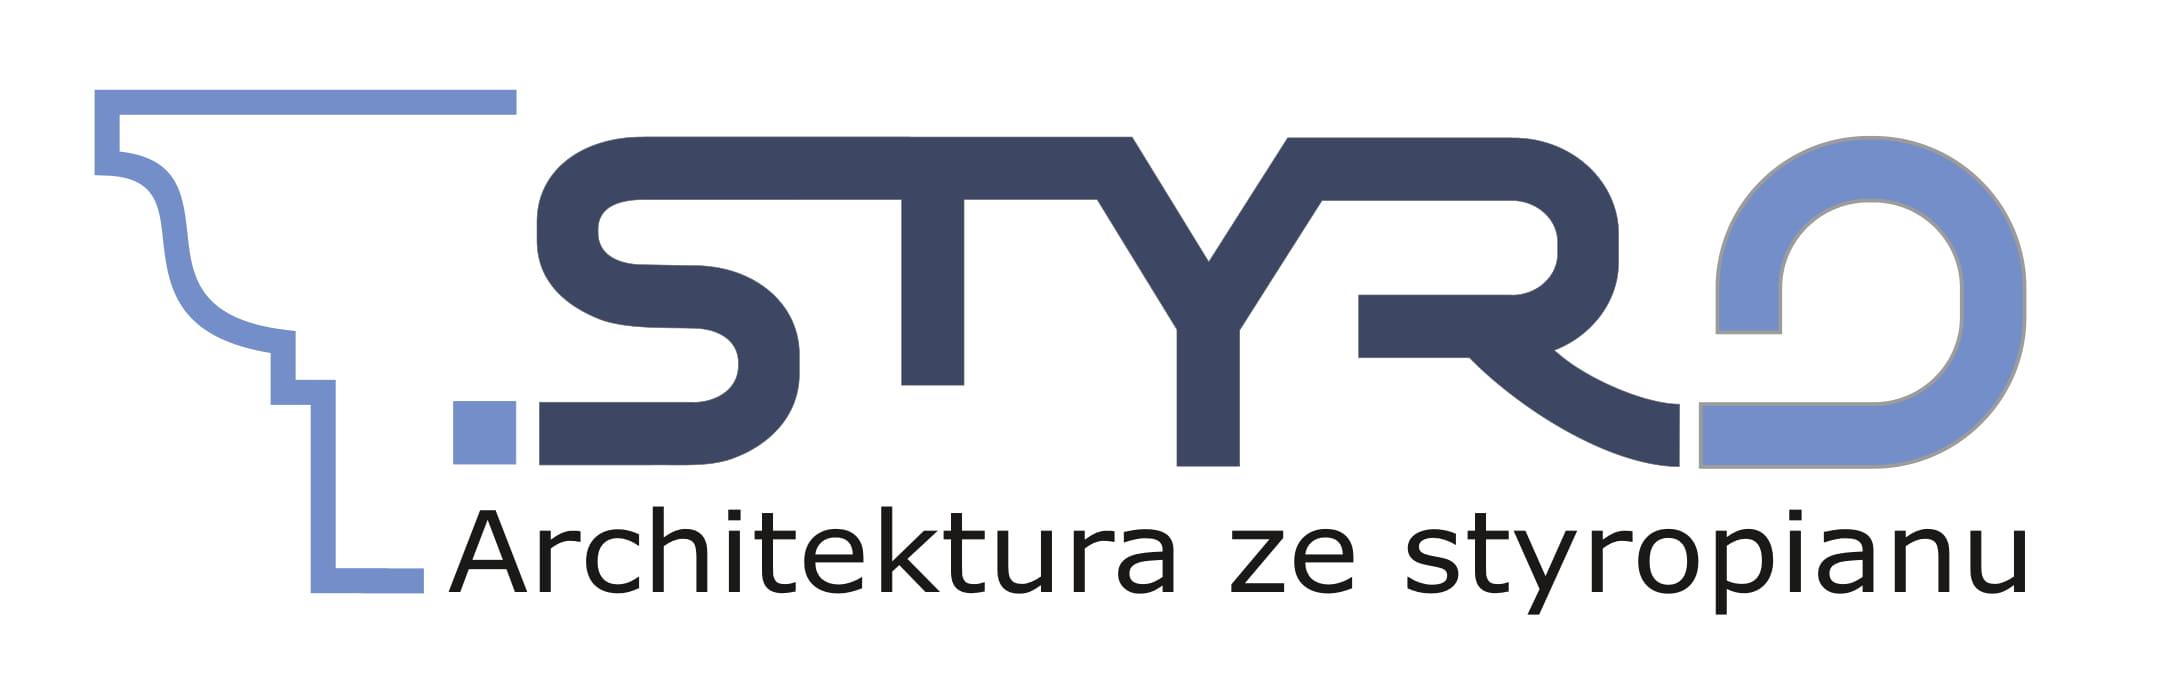 logo styro